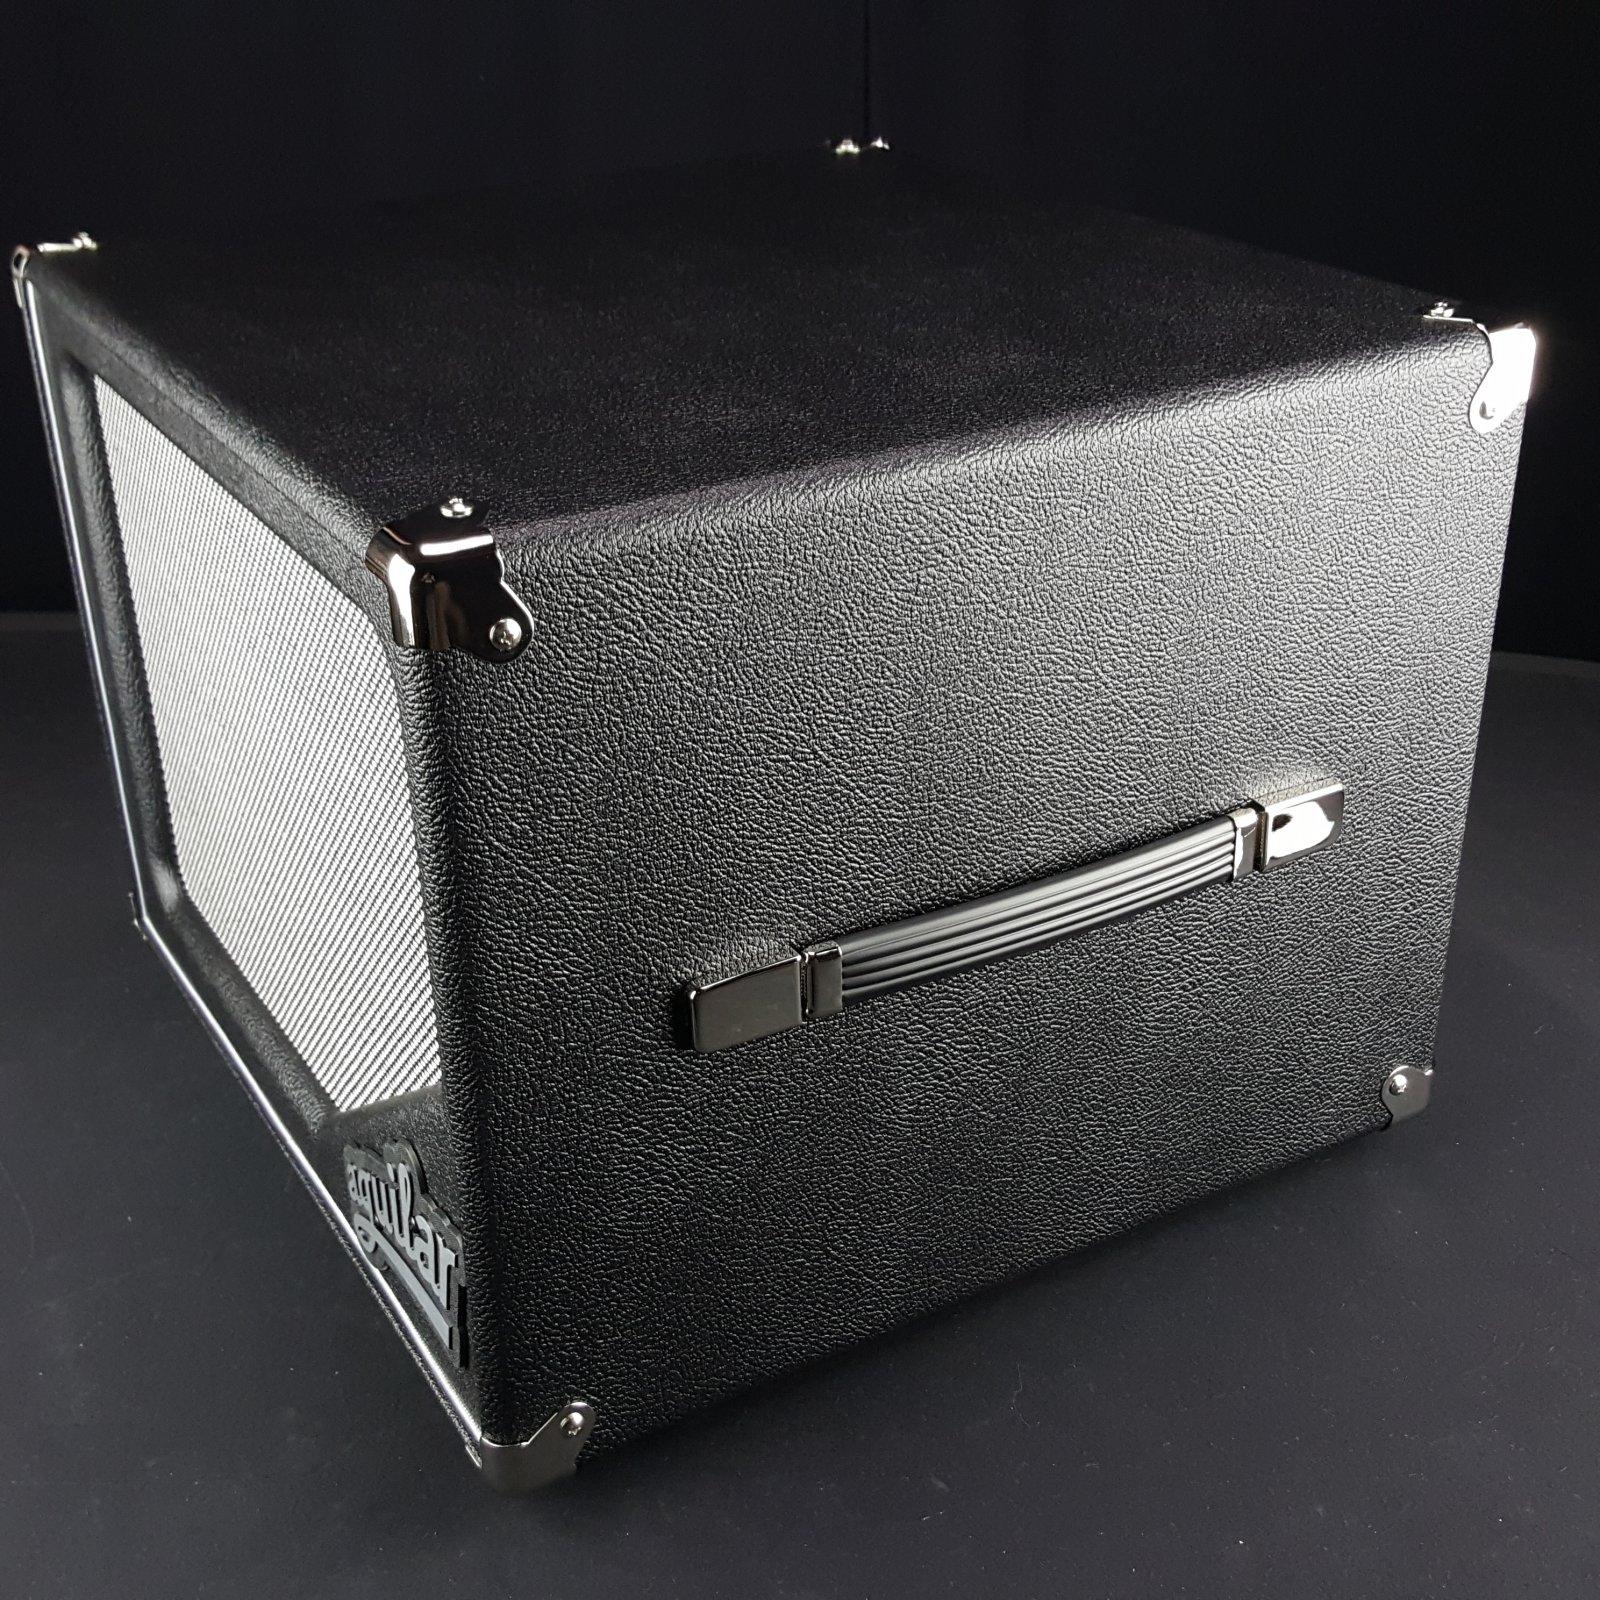 Aguilar SL112 Bass Cabinet